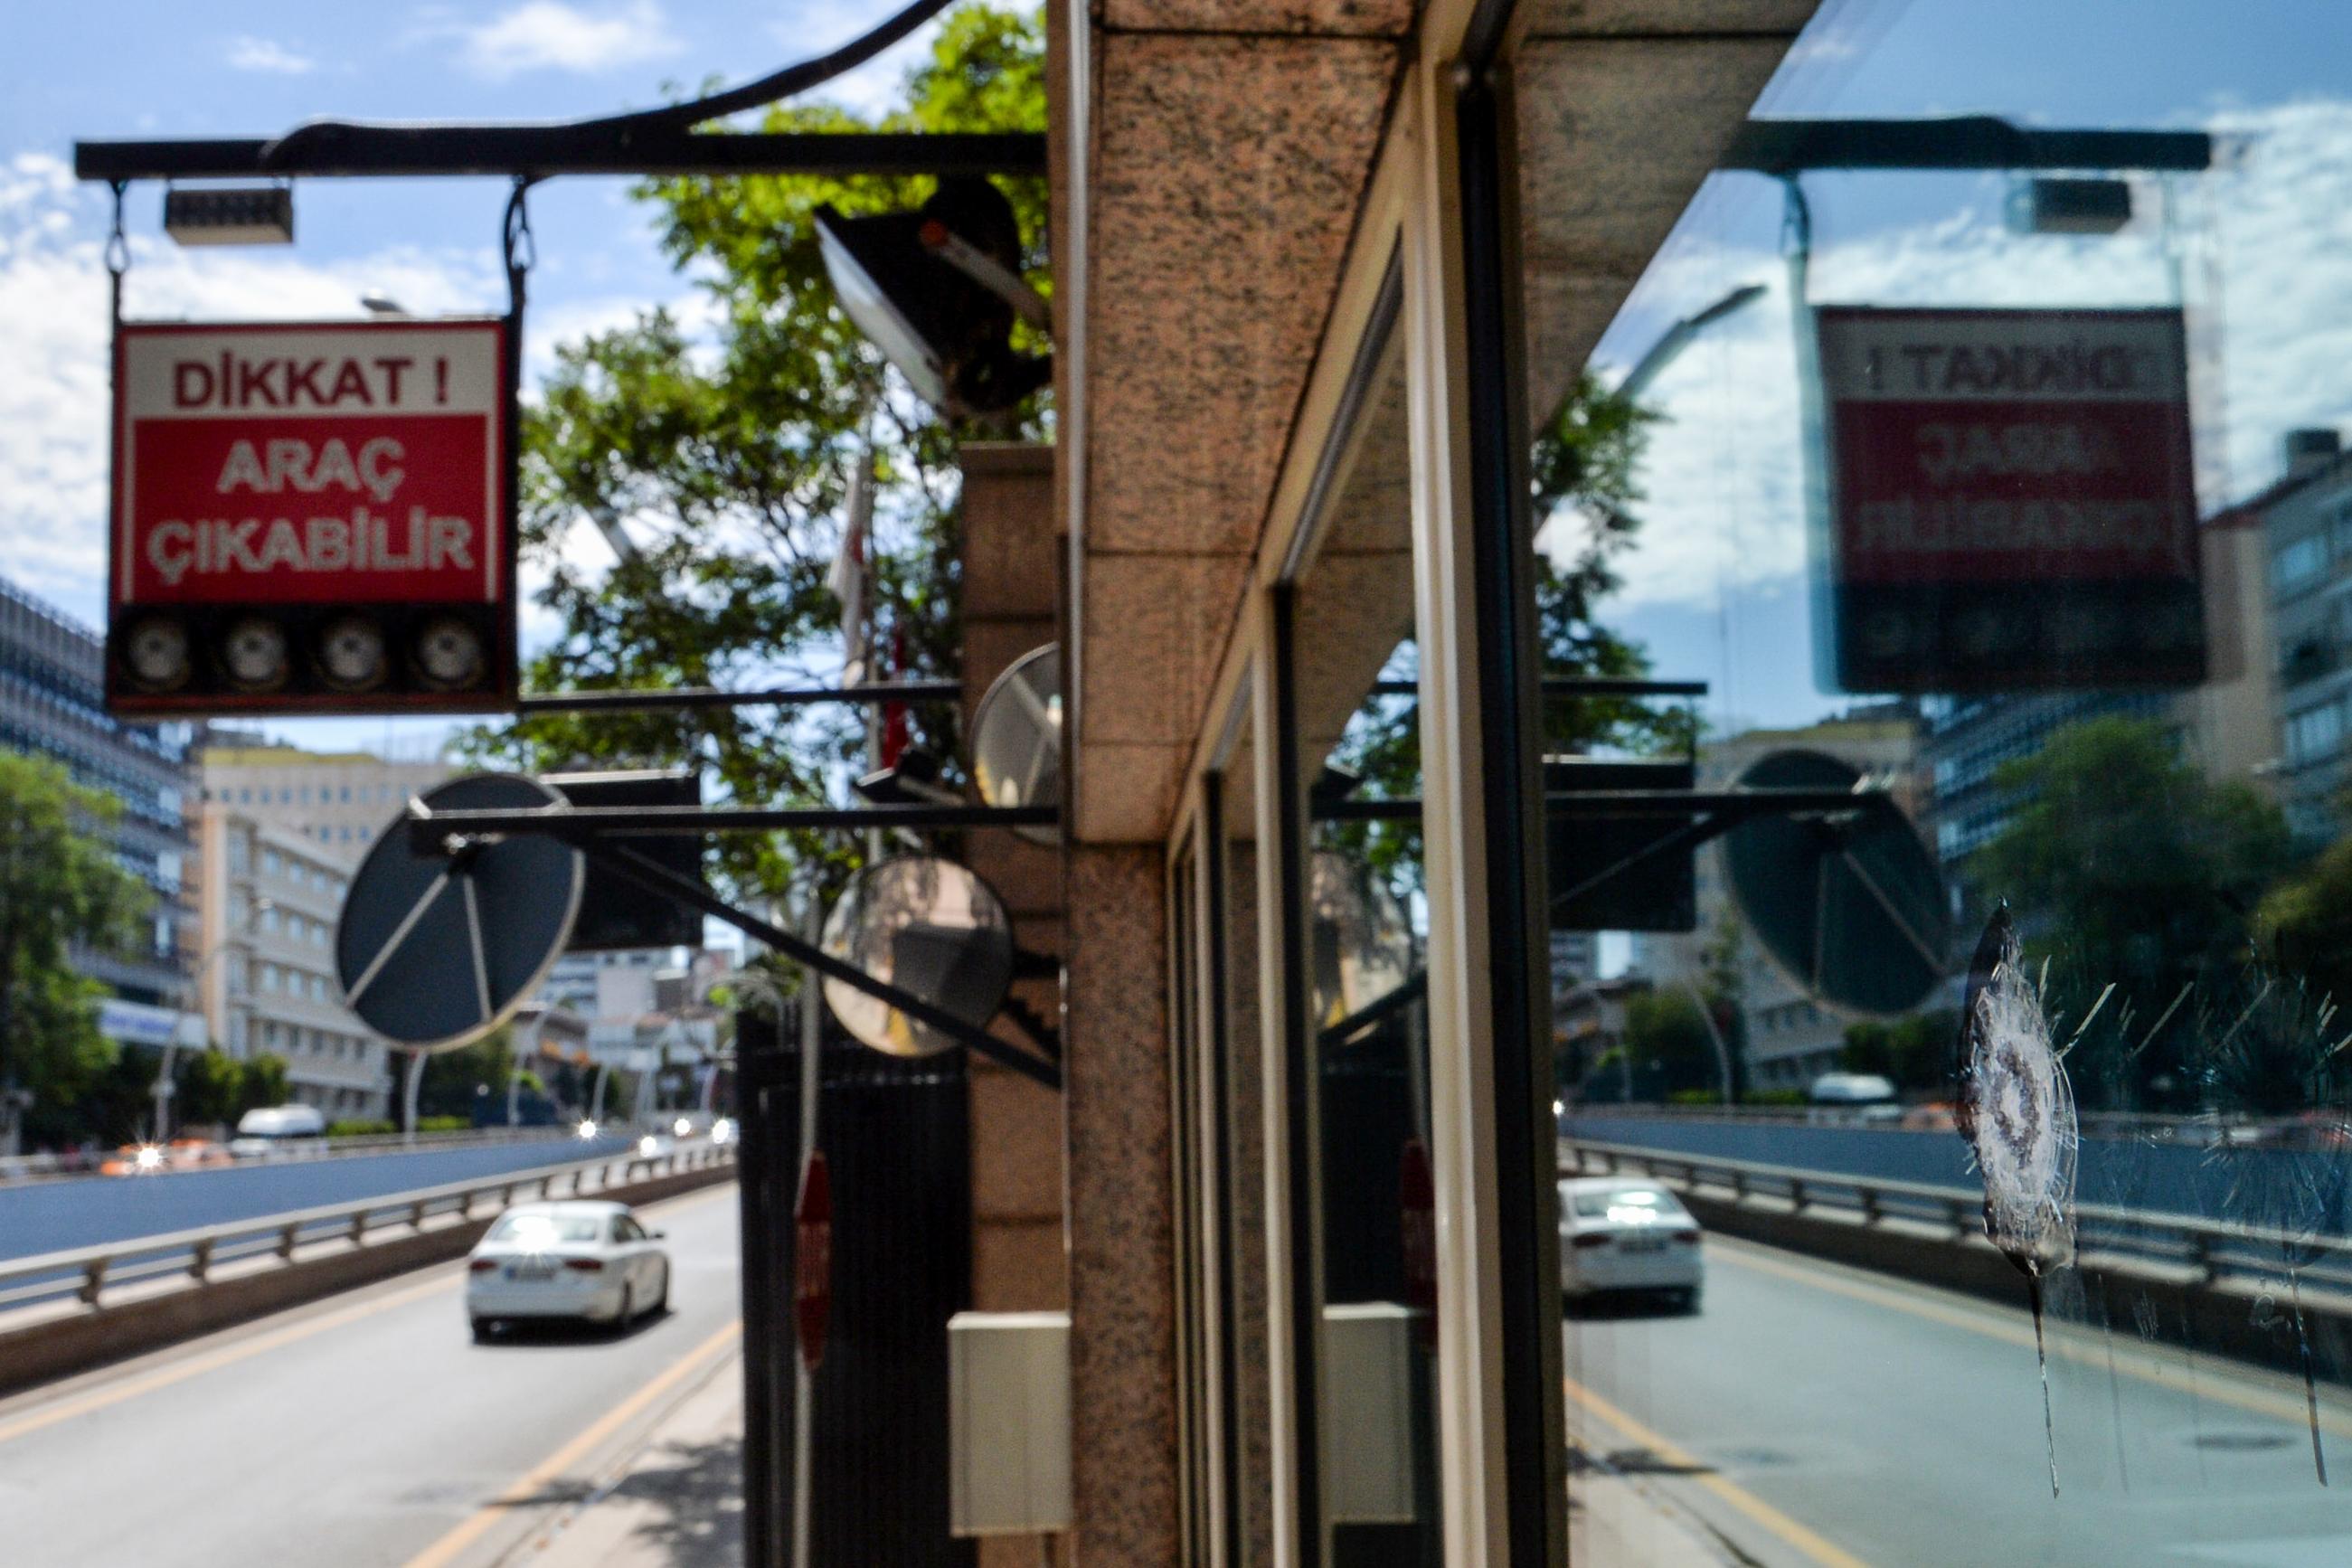 Os tiros foram disparados a partir de um automóvel às 5H30. Foto: STR / AFP